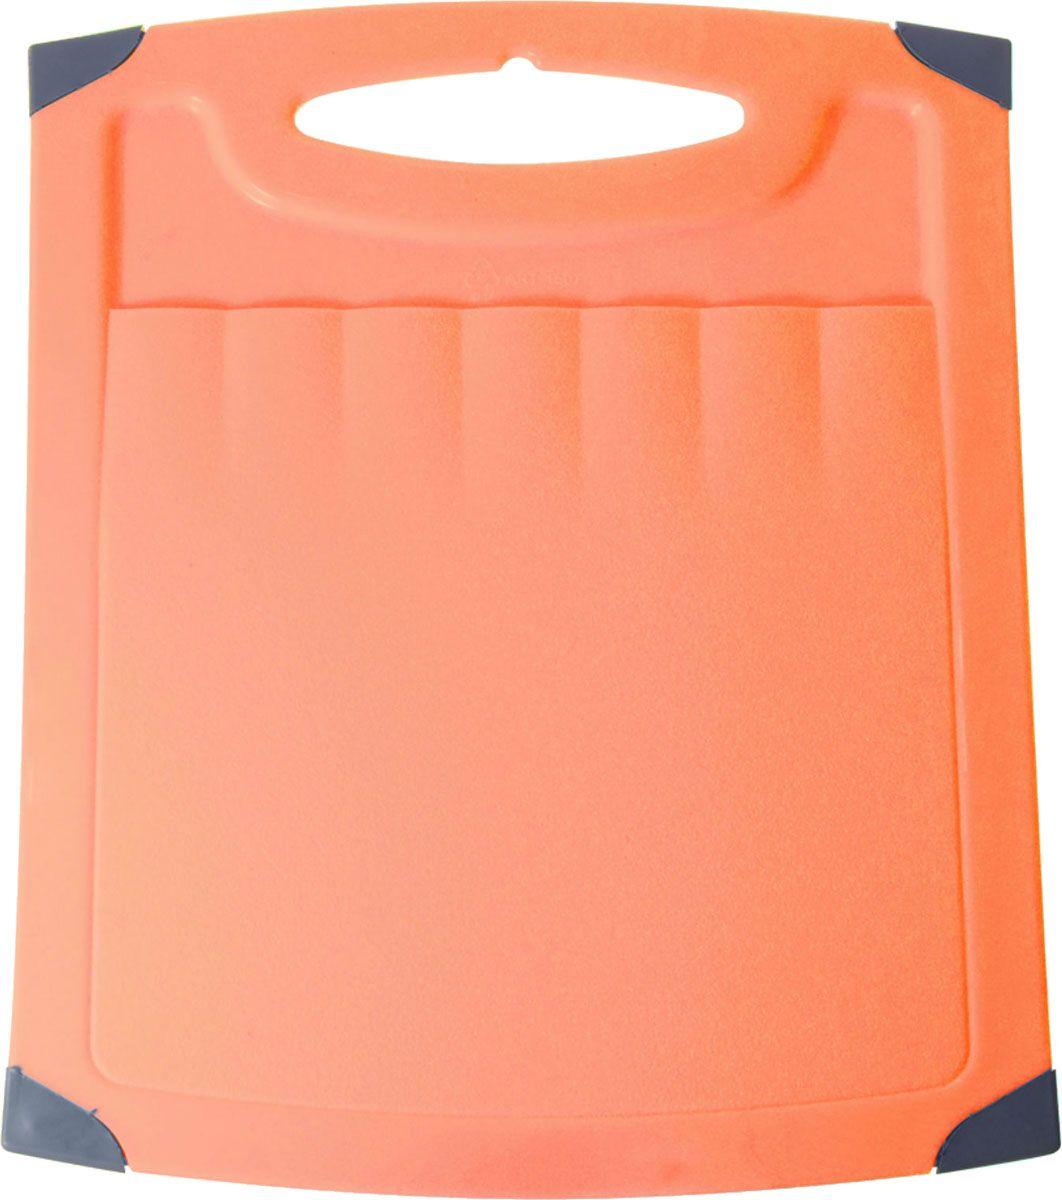 Доска разделочная Plastic Centre Люкс, цвет: оранжевый, 26 х 23 смПЦ1506МНДПрочная разделочная доска классической формы Plastic Centre может применяться для различных видов продуктов. Она выполнена из полипропилена.Доска не впитывает запахи, устойчива к воздействию ножом, благодаря чему изделие более долговечно.На кухне рекомендовано иметь несколько досок для различных видов продуктов: мяса, рыбы, хлеба и овощей.